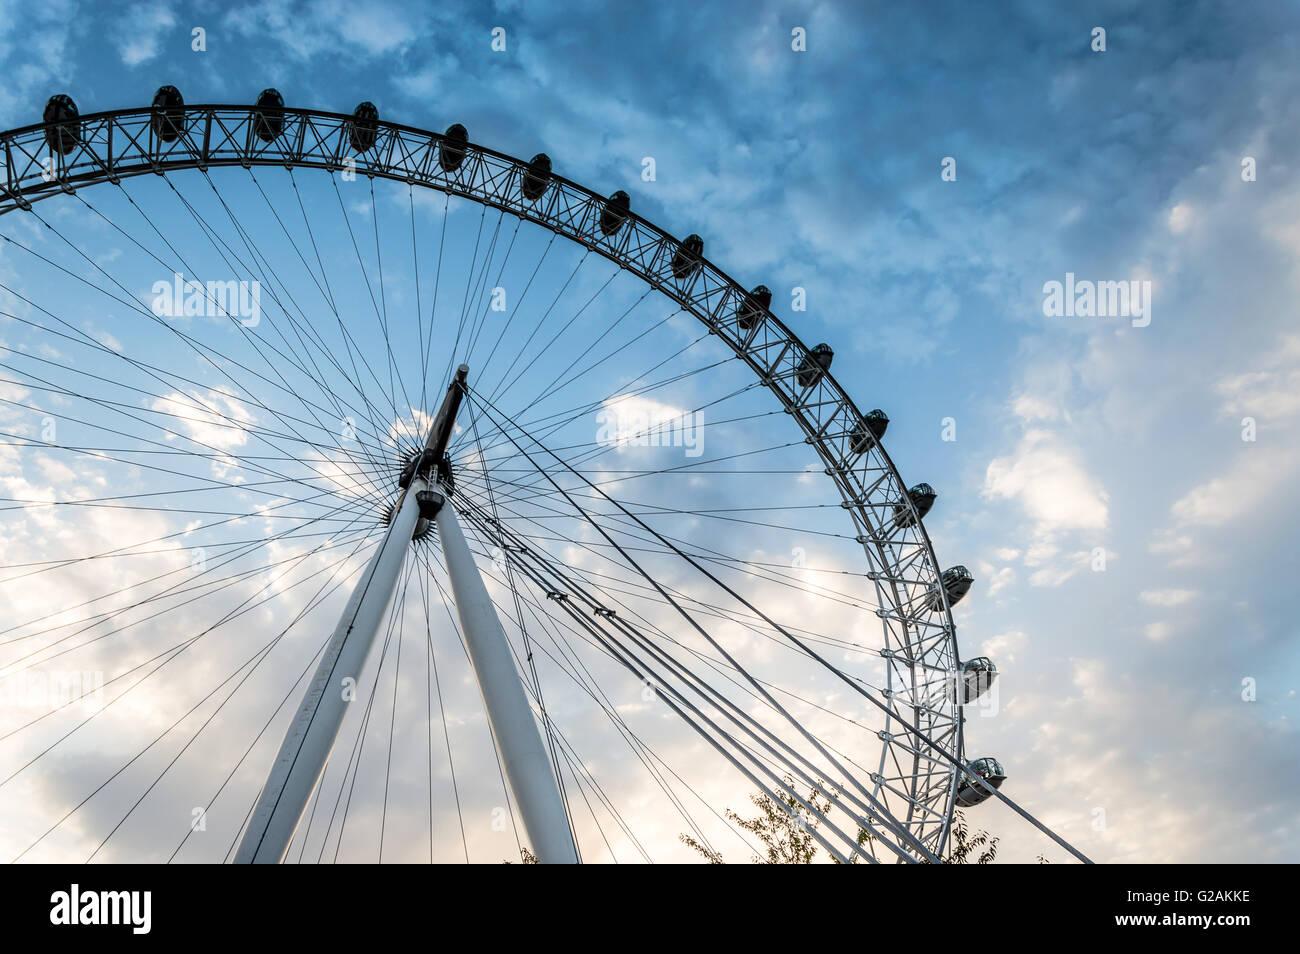 Londres, Royaume-Uni - 23 août 2015: London Eye low angle view un jour nuageux près de Sunset Photo Stock